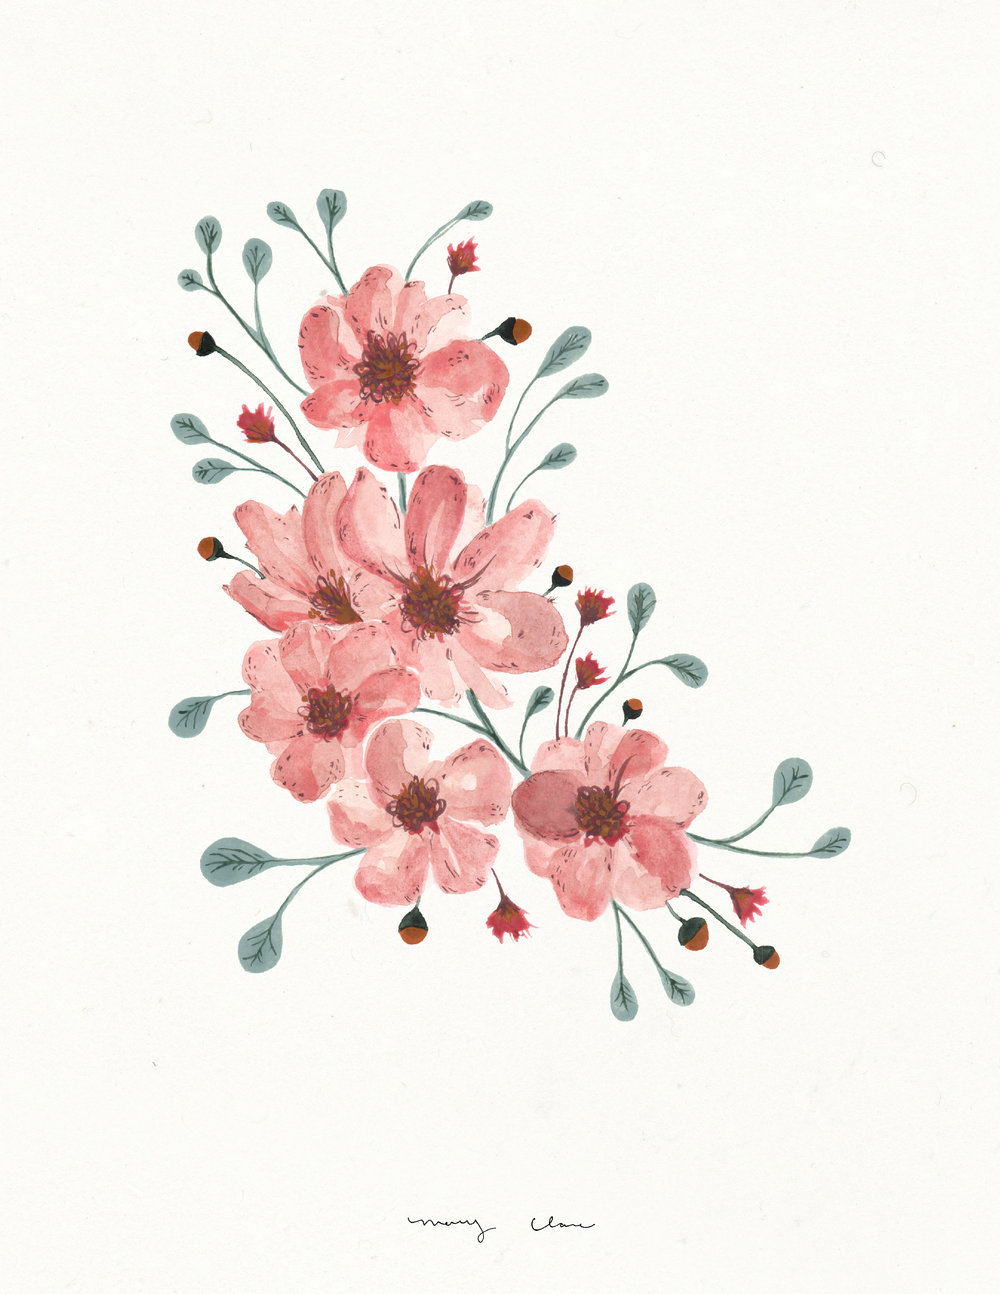 pinkflowers-blue-flowers-greenleaves-maryclarewilkie-03-02-01.jpg